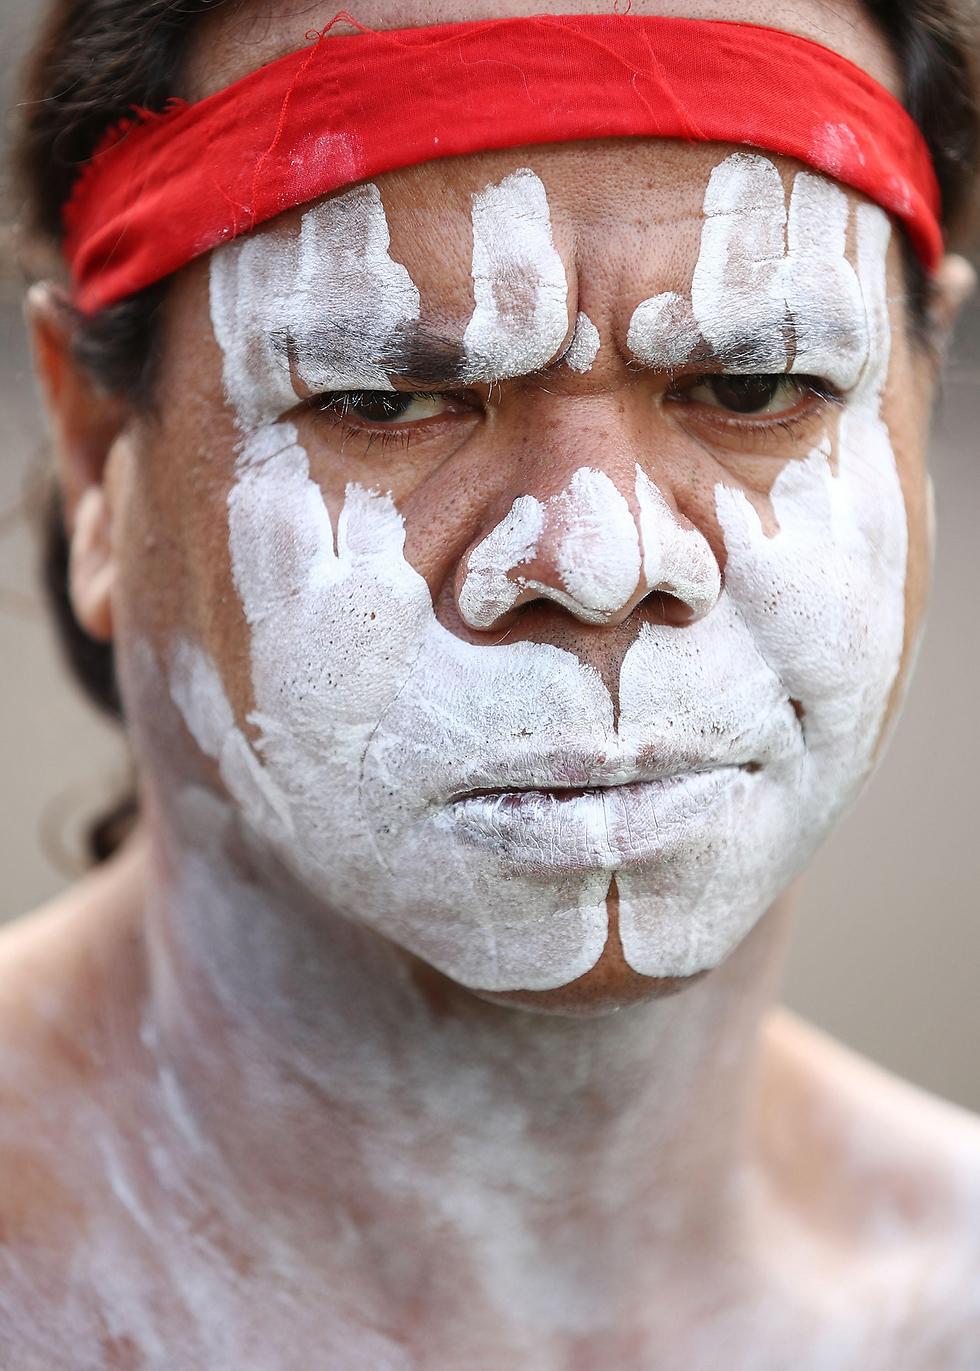 אבוריג'יני בטקס קבלת פנים בבית הממשלה בסידני, אוסטרליה (צילום: gettyimages)